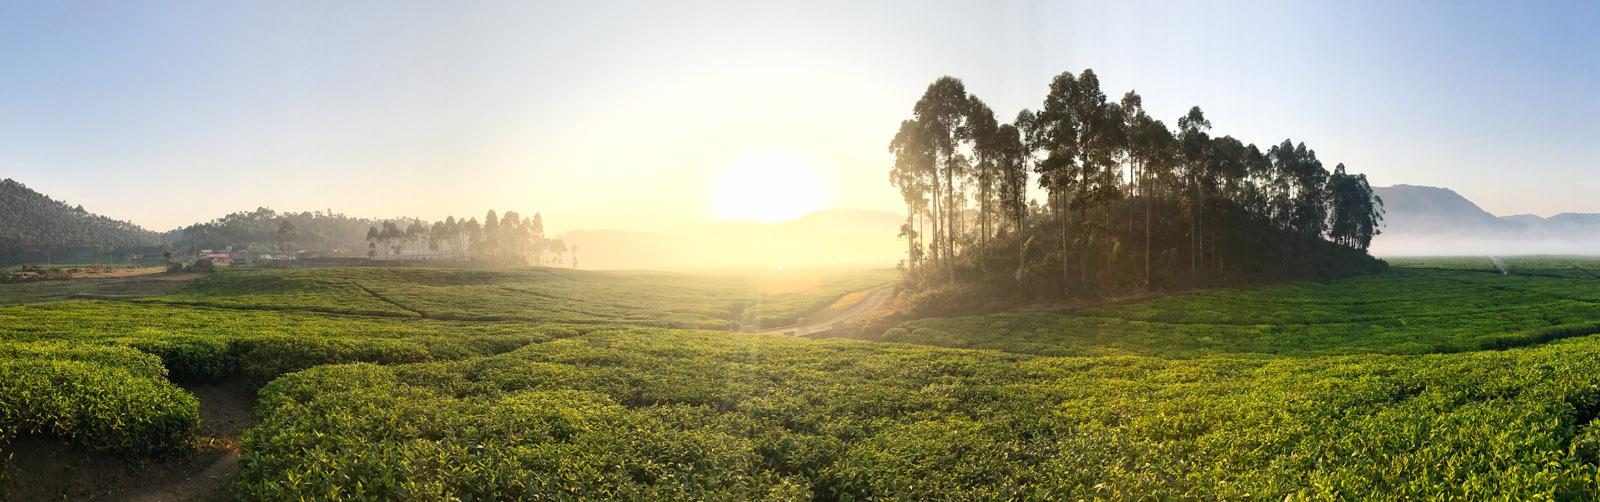 Panorama en África de Austin Mann hecho con un iPhone 7